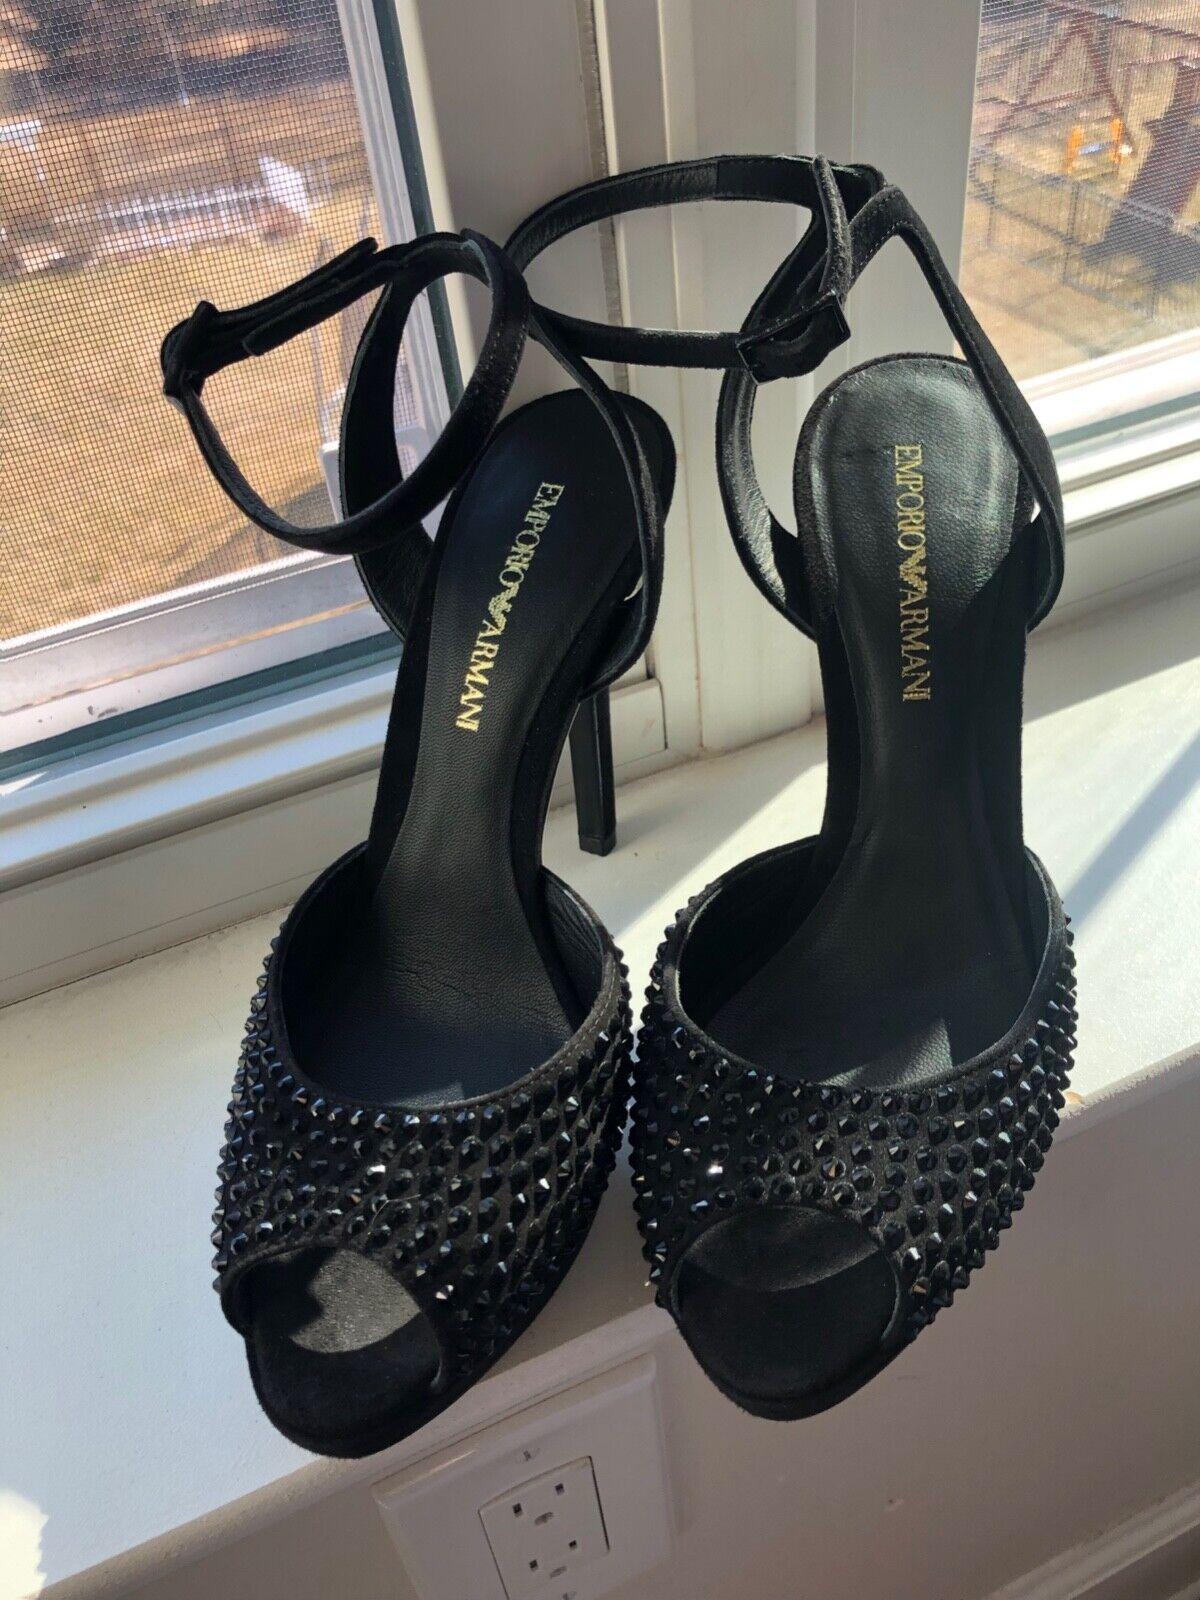 fabbrica diretta Emporio Emporio Emporio Armani nero scarpe Dimensione 7 BRAND NEW UNWORN WITH BOX    i nuovi stili più caldi